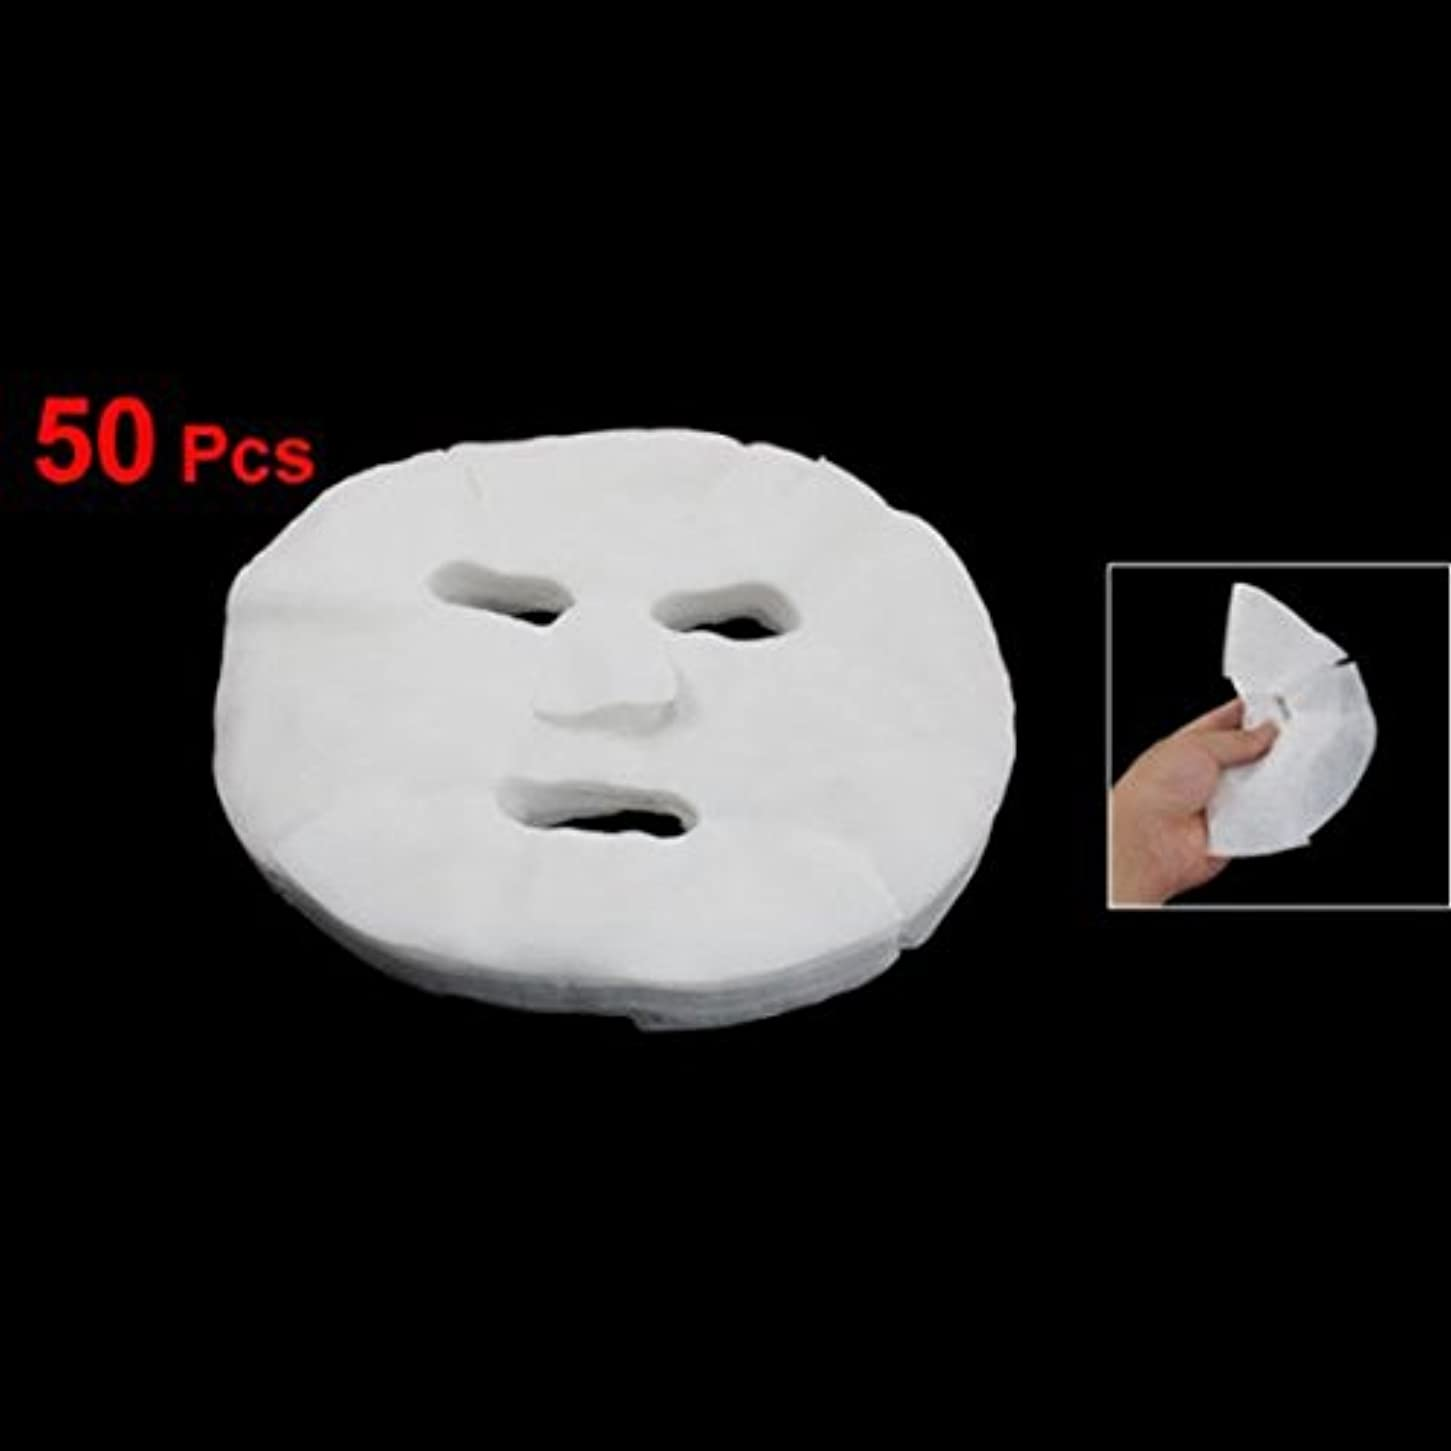 RETYLY RETYLY(R)50pcs女性の化粧品拡大コットンフェイシャルマスクシート